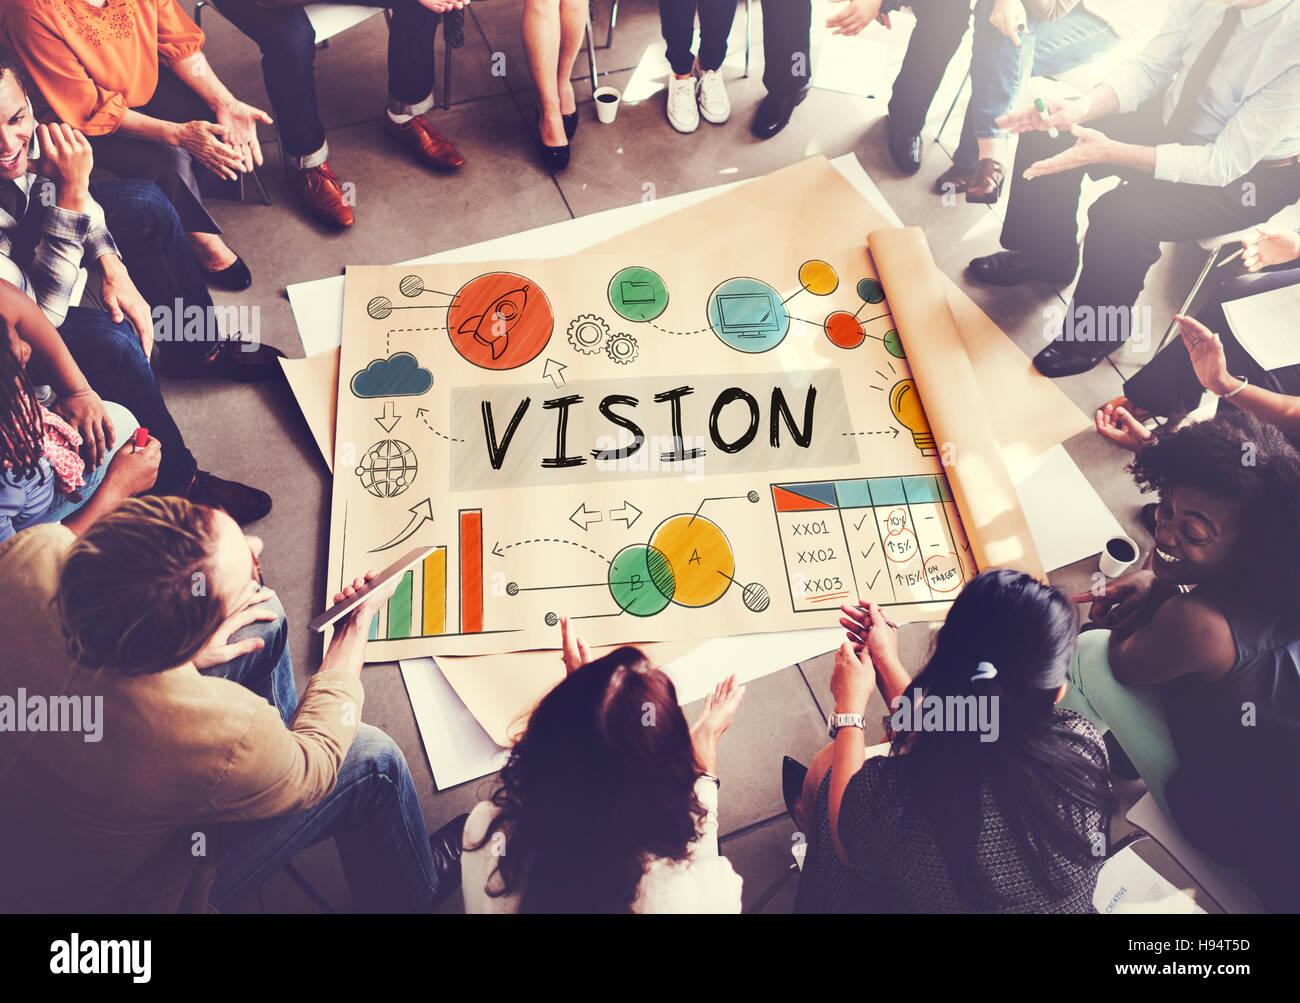 Vision La crescita del business aziendale il concetto di destinazione Immagini Stock